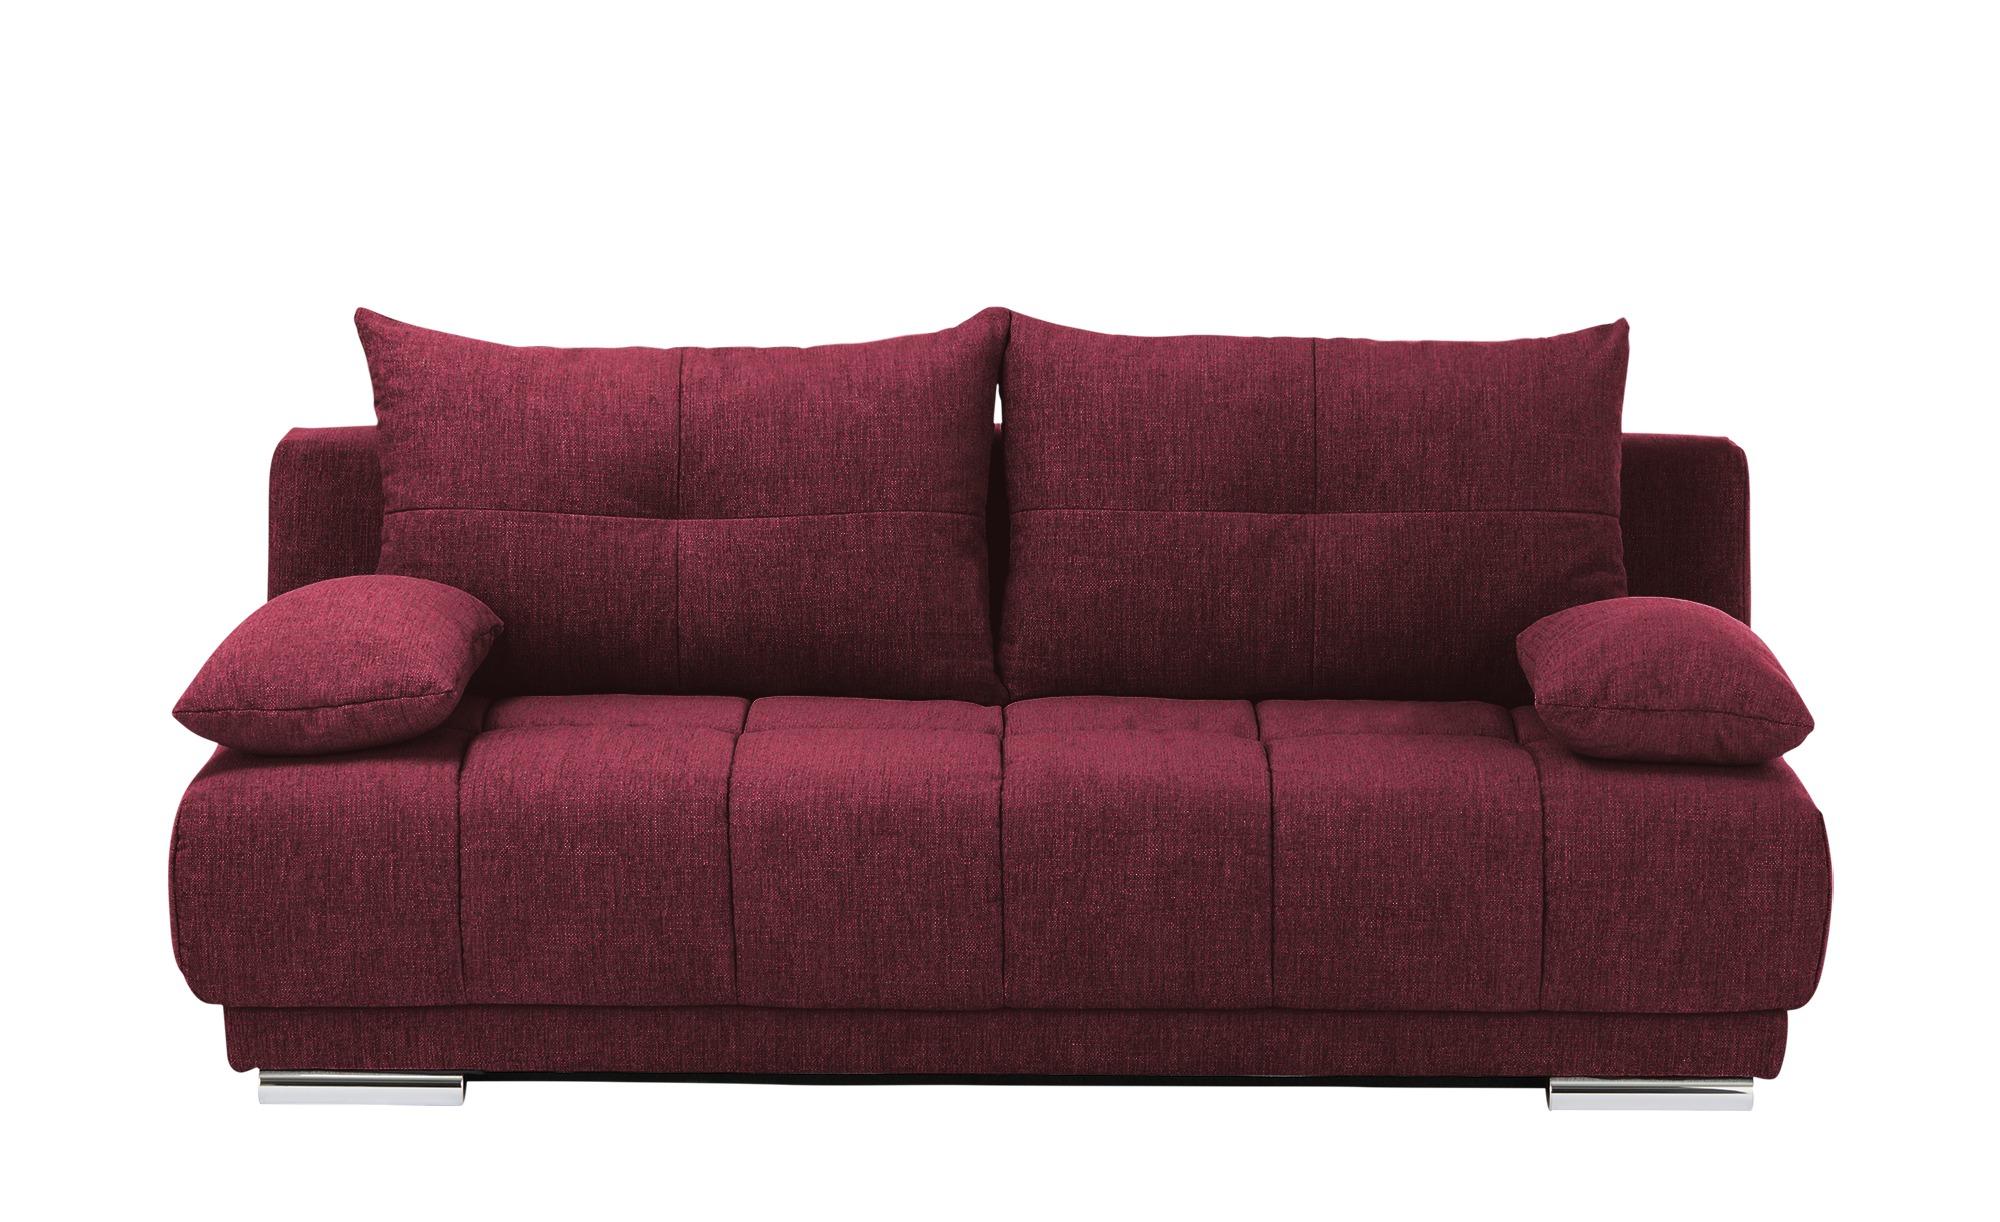 bobb Schlafsofa  Isalie ¦ rot ¦ Maße (cm): B: 206 H: 92 T: 105 Polstermöbel > Sofas > Einzelsofas - Höffner